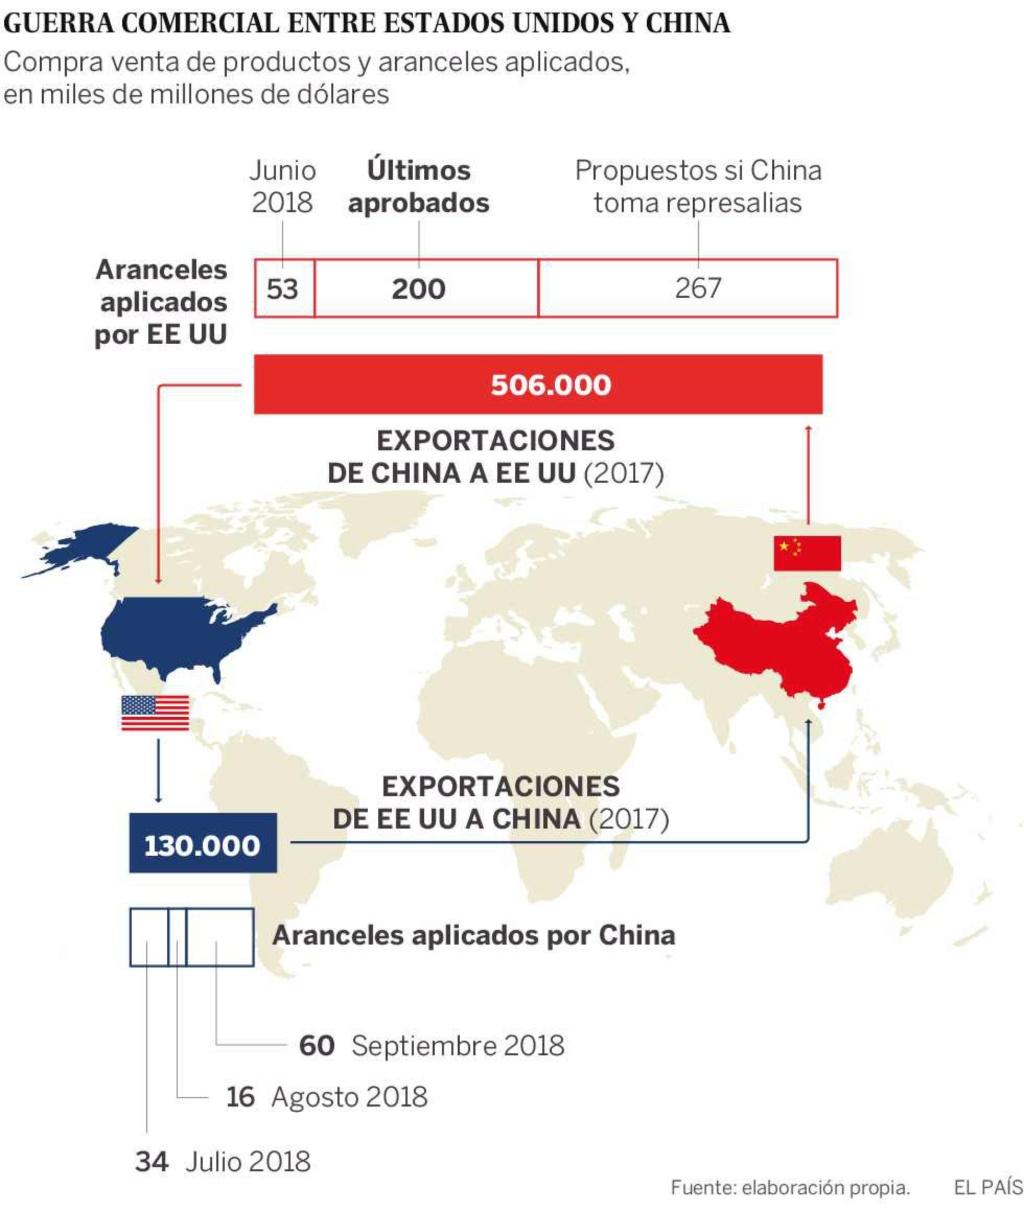 Guerra comercial, proteccionismo. El FMI retira su compromiso contra el proteccionismo tras las presiones de EEUU. - Página 4 15372510